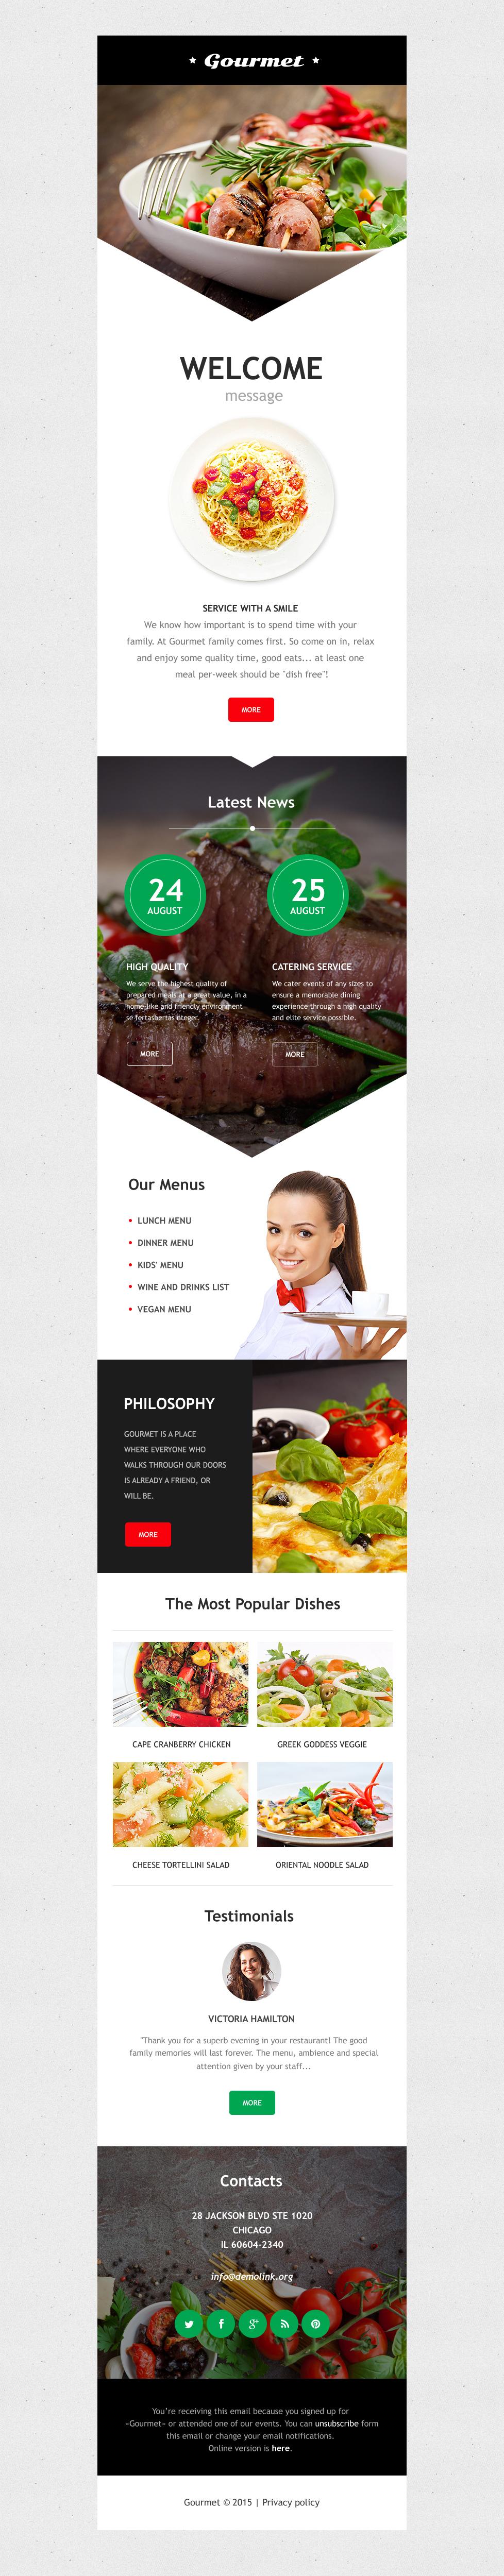 Modèle Bulletin adaptatif pour site de café et restaurant #56079